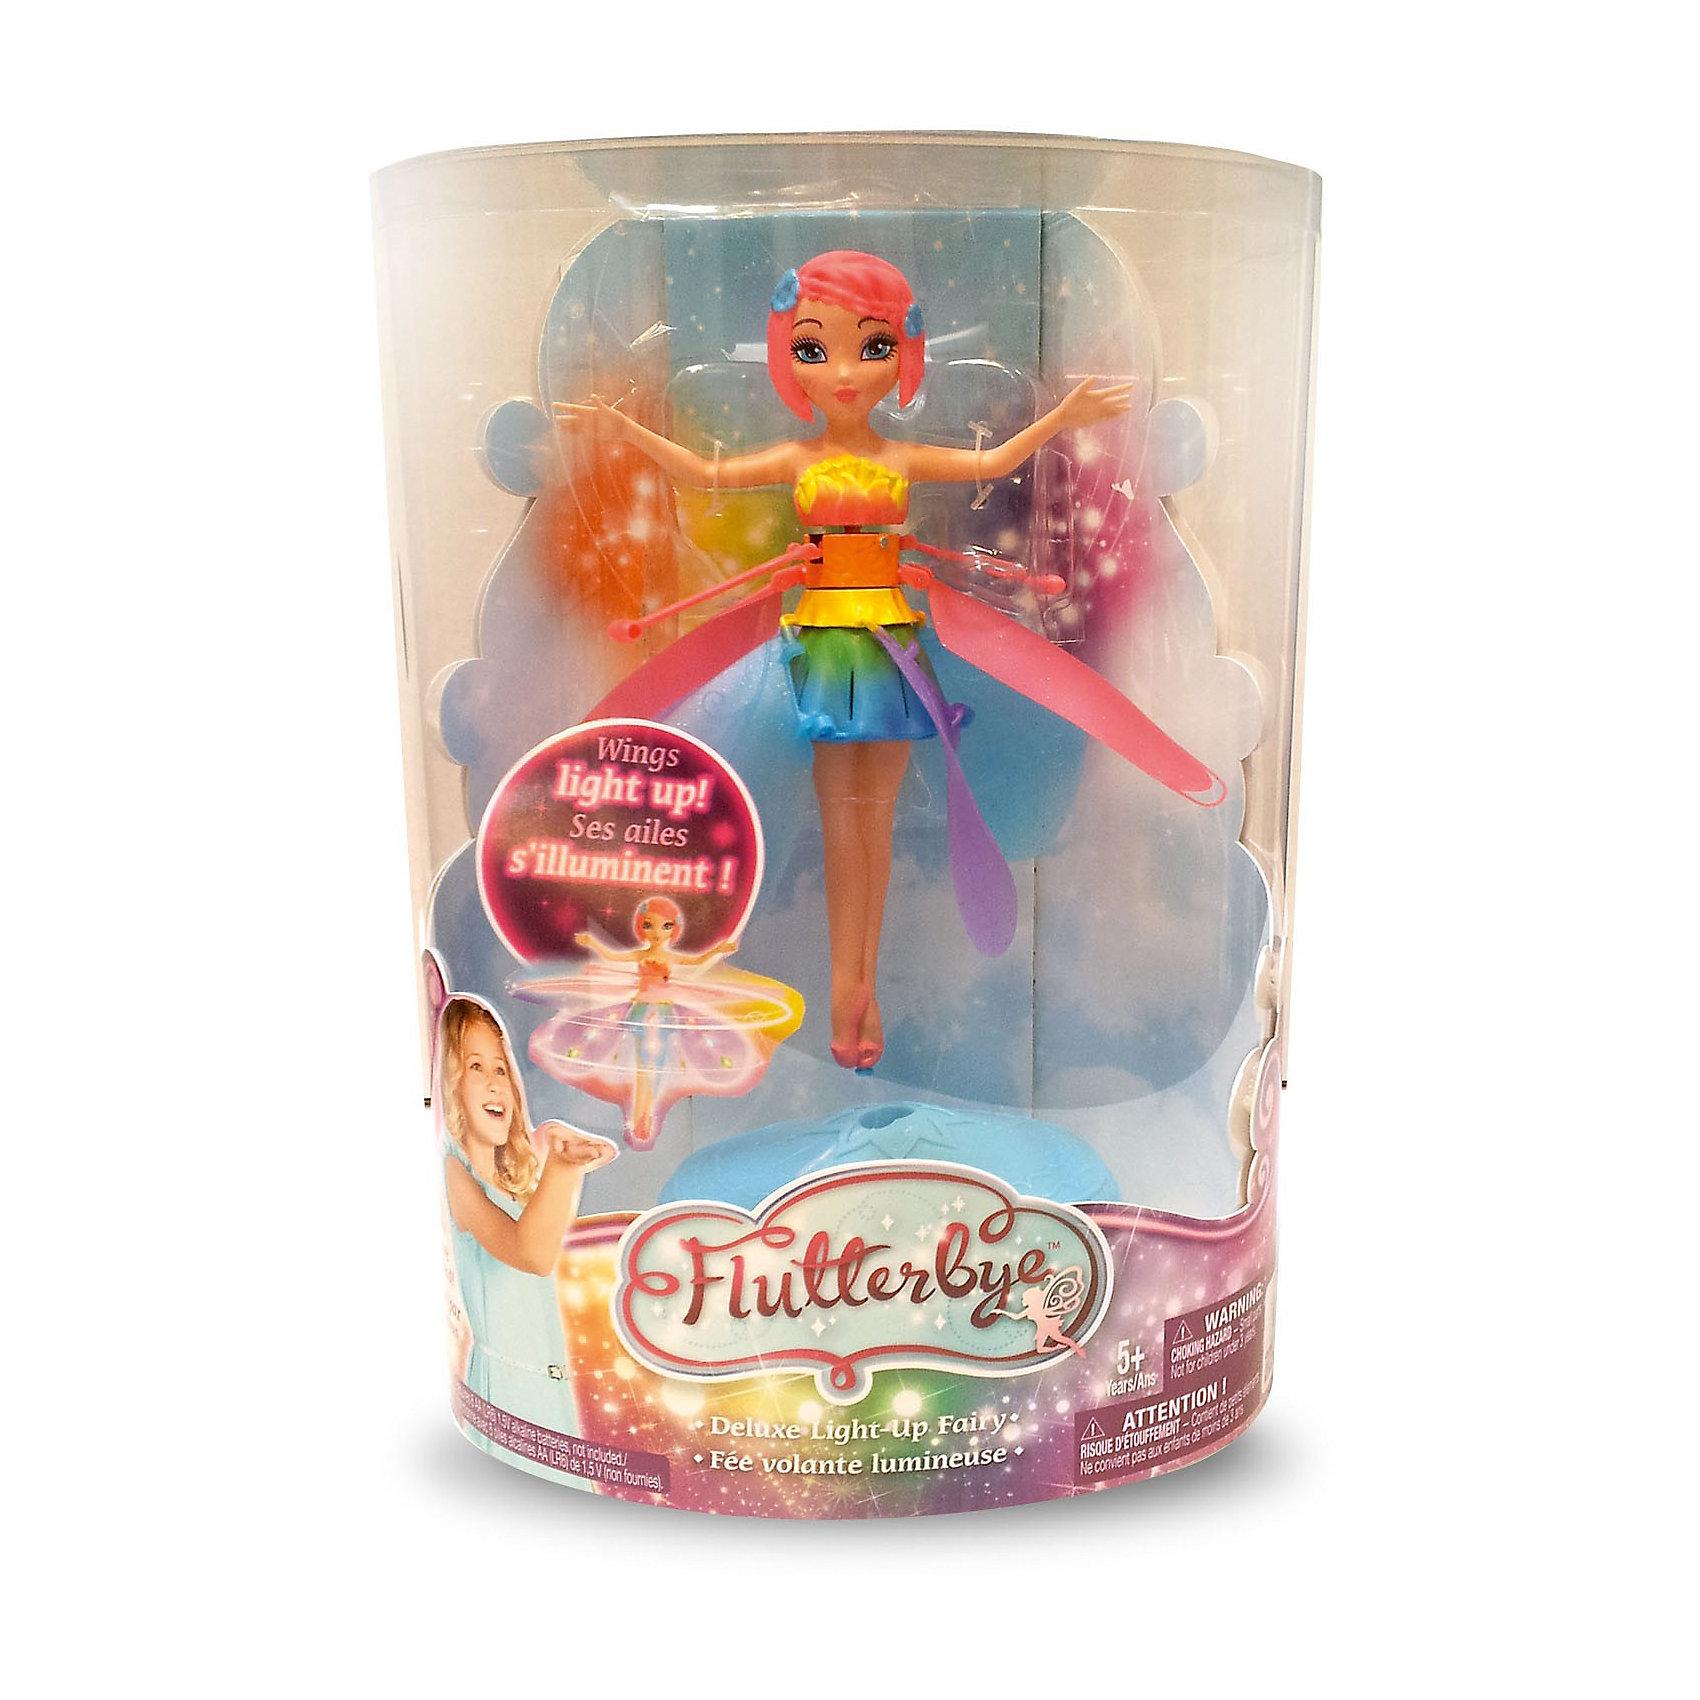 Фея с подсветкой, парящая в воздухе,  Flying FairyФея с подсветкой, парящая в воздухе, Flying Fairy - оригинальная летающая кукла, которая вызовет восторг у Вашей девочки. Куколка выглядит как настоящая волшебная фея и одета в яркое разноцветное платье с юбочкой, которая светится во время полета. Крылышки у феи снимаются, и с ней можно играть, как с обычной игрушкой. Кукольная фея может взлетать на небольшую высоту и парить в воздухе. <br><br>Для запуска феи нужно установить ее на специальную платформу и нажать стартовую кнопку в форме губ – фея взлетит. Для управления полетом пульт не требуется, нужно лишь поднести  к ножкам куклы ладонь и она будет парить в направлении движения Вашей руки: с поднятием руки взлетать чуть выше, а с опусканием - снижаться.  Играть с феей можно как дома так и на улице. Кукла может летать непрерывно в течение 5-8 минут. Чтобы подзарядить игрушку, нужно поставить ее на подставку, внутри которой находится зарядное устройство. Минимальное время зарядки 5 минут, полная зарядка - 30 мин. <br><br>Дополнительная информация:<br><br>- В комплекте: кукла, подставка (зарядное устройство и платформа для запуска одновременно), инструкция..<br>- Материал: пластик.<br>- Требуются батарейки: 6 х AA (не входят в комплект).<br>- Высота куклы: 20 см.<br>- Размер упаковки: 18 х 28 х 14 см.<br>- Вес: 0,64 кг. <br><br>Куклу Фея с подсветкой, парящая в воздухе, Flying Fairy (Летающая фея) можно купить в нашем интернет-магазине.<br><br>Ширина мм: 288<br>Глубина мм: 205<br>Высота мм: 132<br>Вес г: 344<br>Возраст от месяцев: 36<br>Возраст до месяцев: 120<br>Пол: Женский<br>Возраст: Детский<br>SKU: 3819823